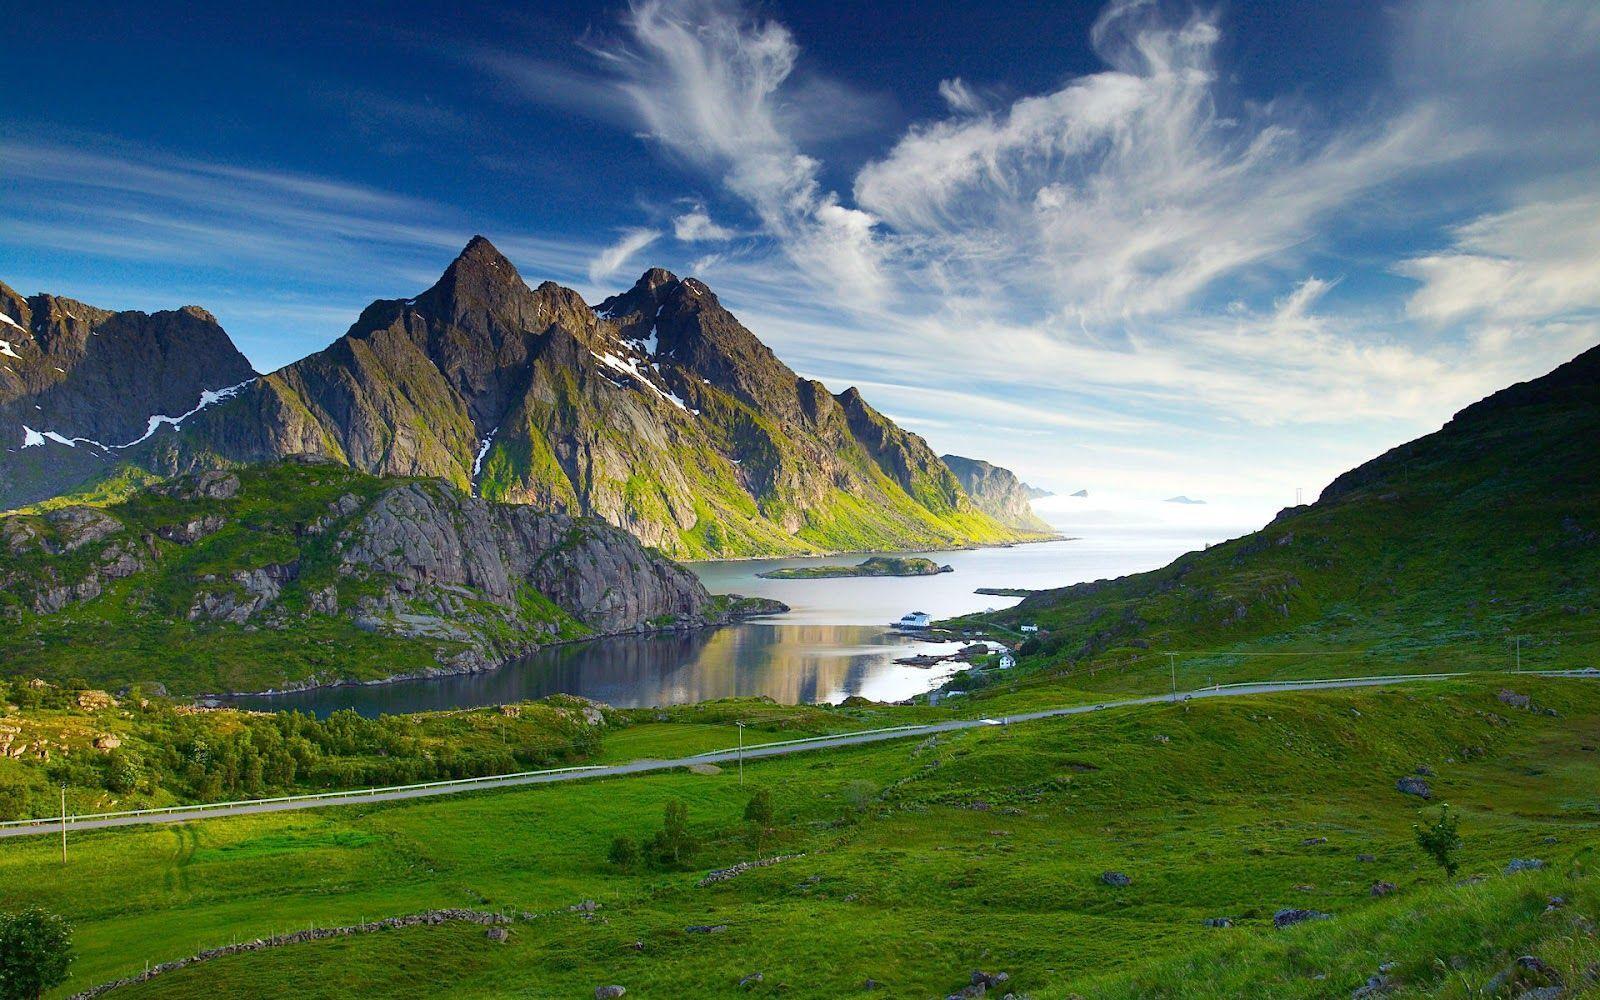 85 Gambar Wallpaper Pemandangan Alam Indah Hd Hd Terlihat Keren Free Hd Nature Wallpapers Scenery Nature